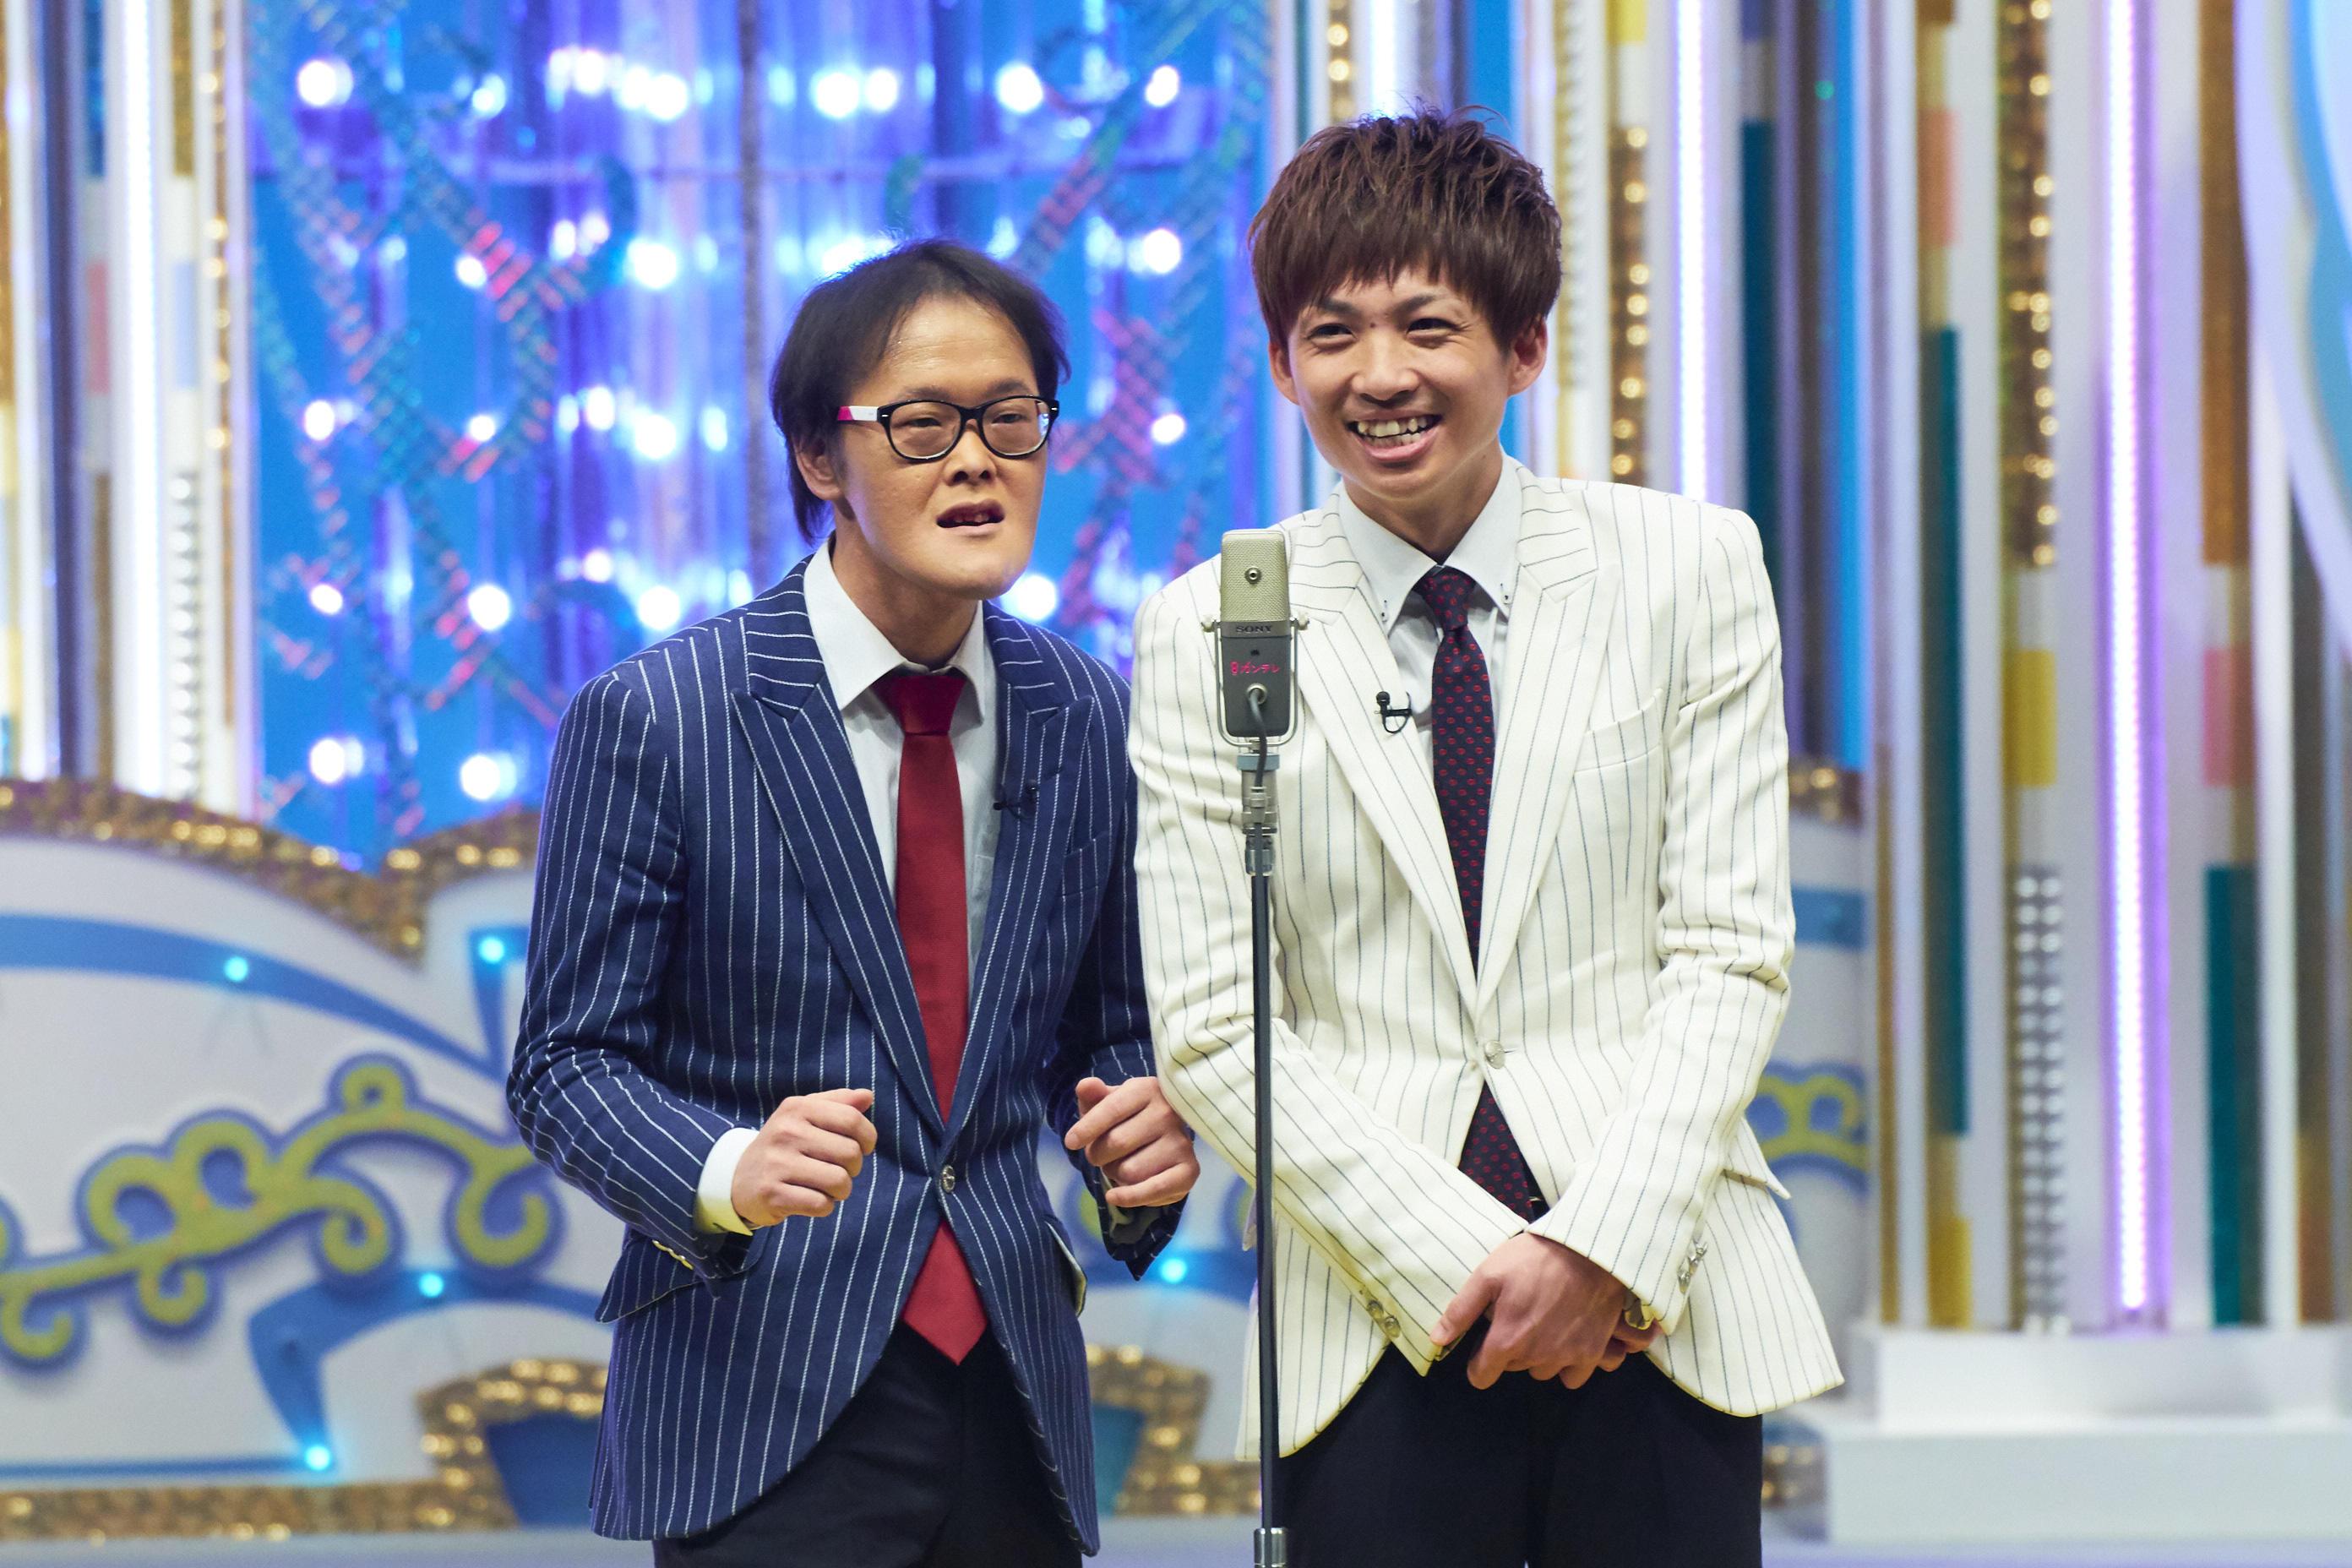 http://news.yoshimoto.co.jp/20180409143252-6031007b675f20260780ca826d62ae02045c2848.jpg